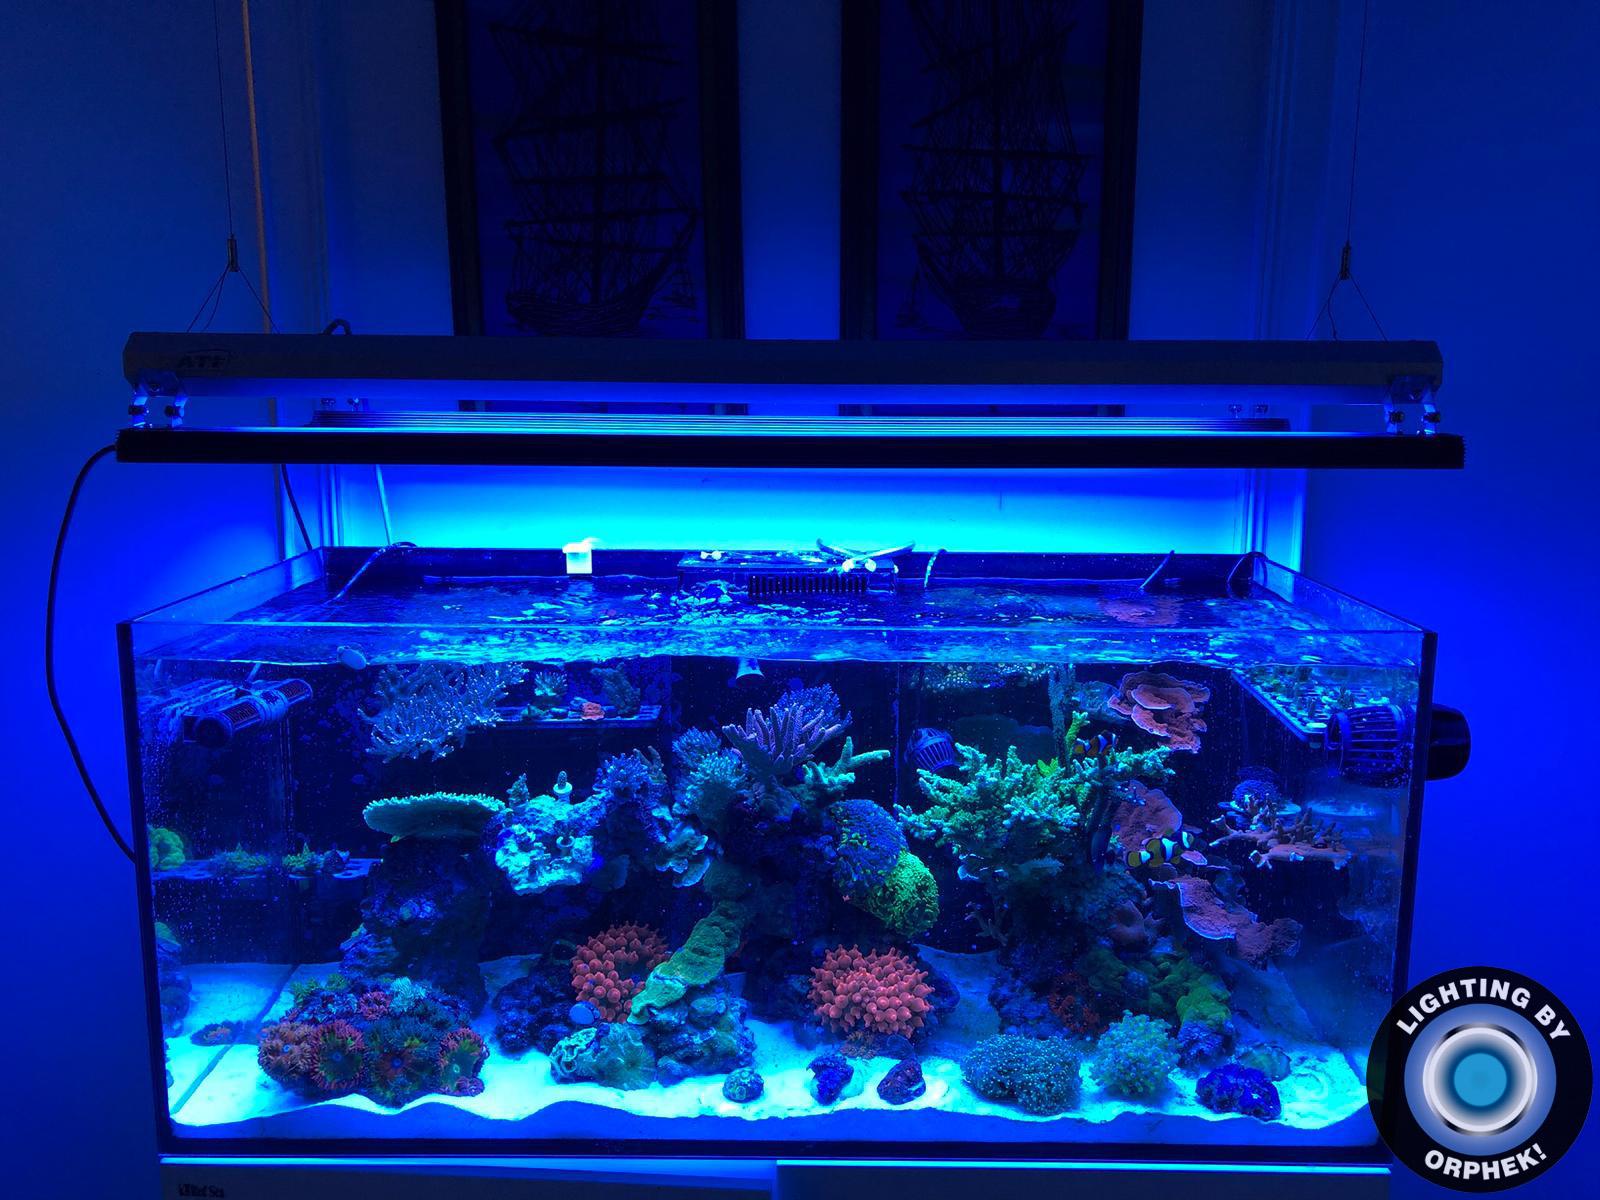 beste LED-verlichting kleurrijk rifaquarium